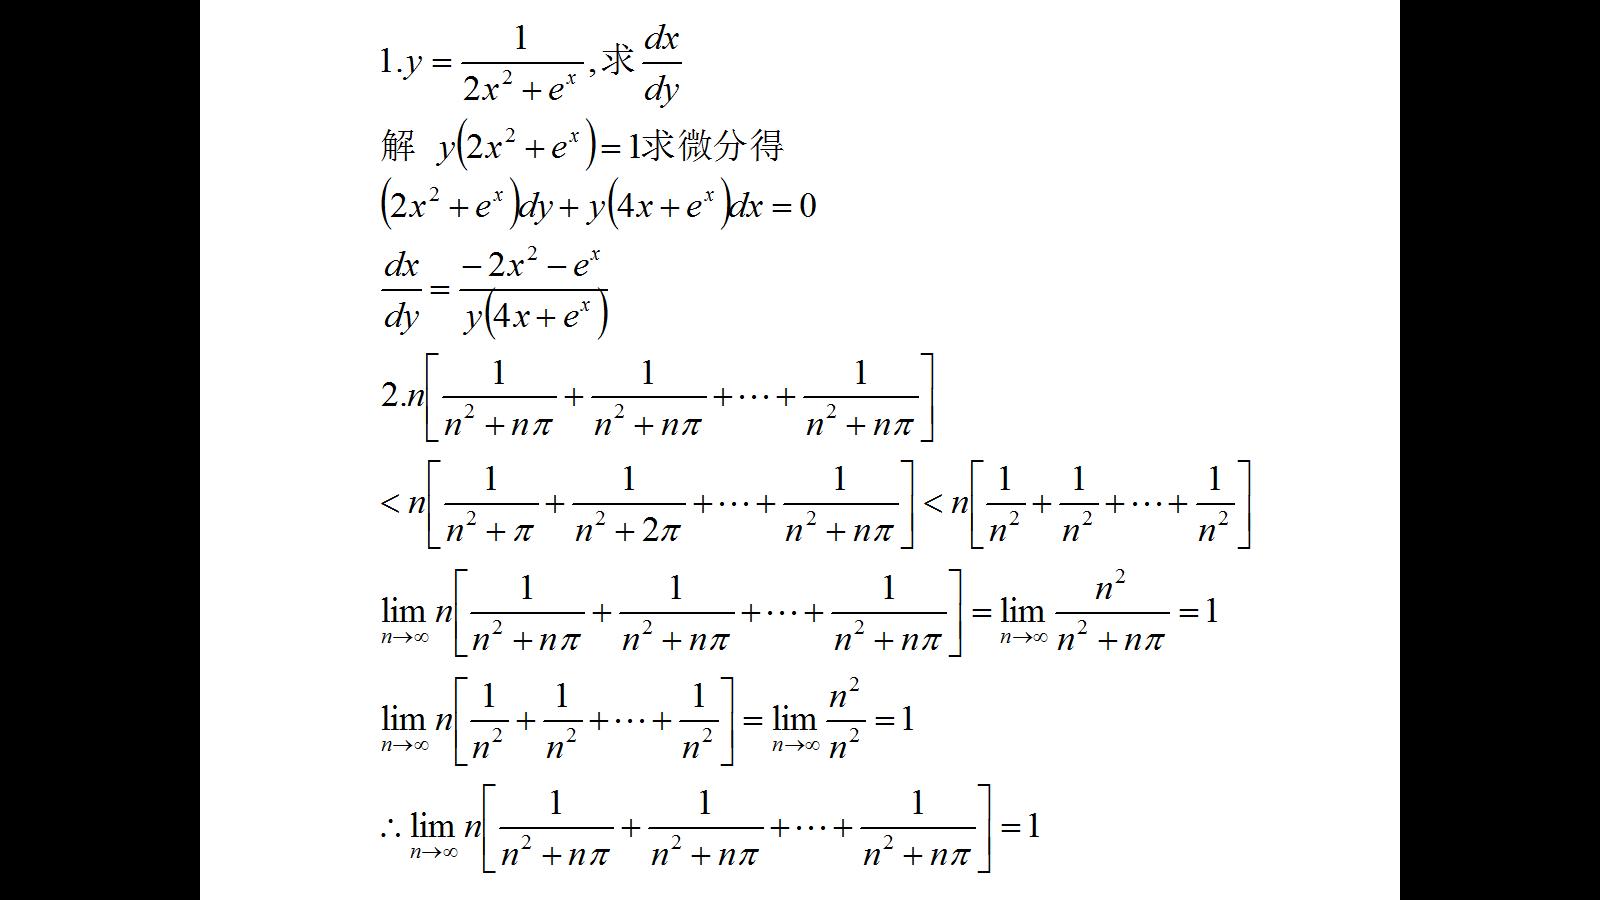 高等数学2试题答案_高数log-头高数丈触山回/高数极限/专升本高数二视频教程/高数辅导